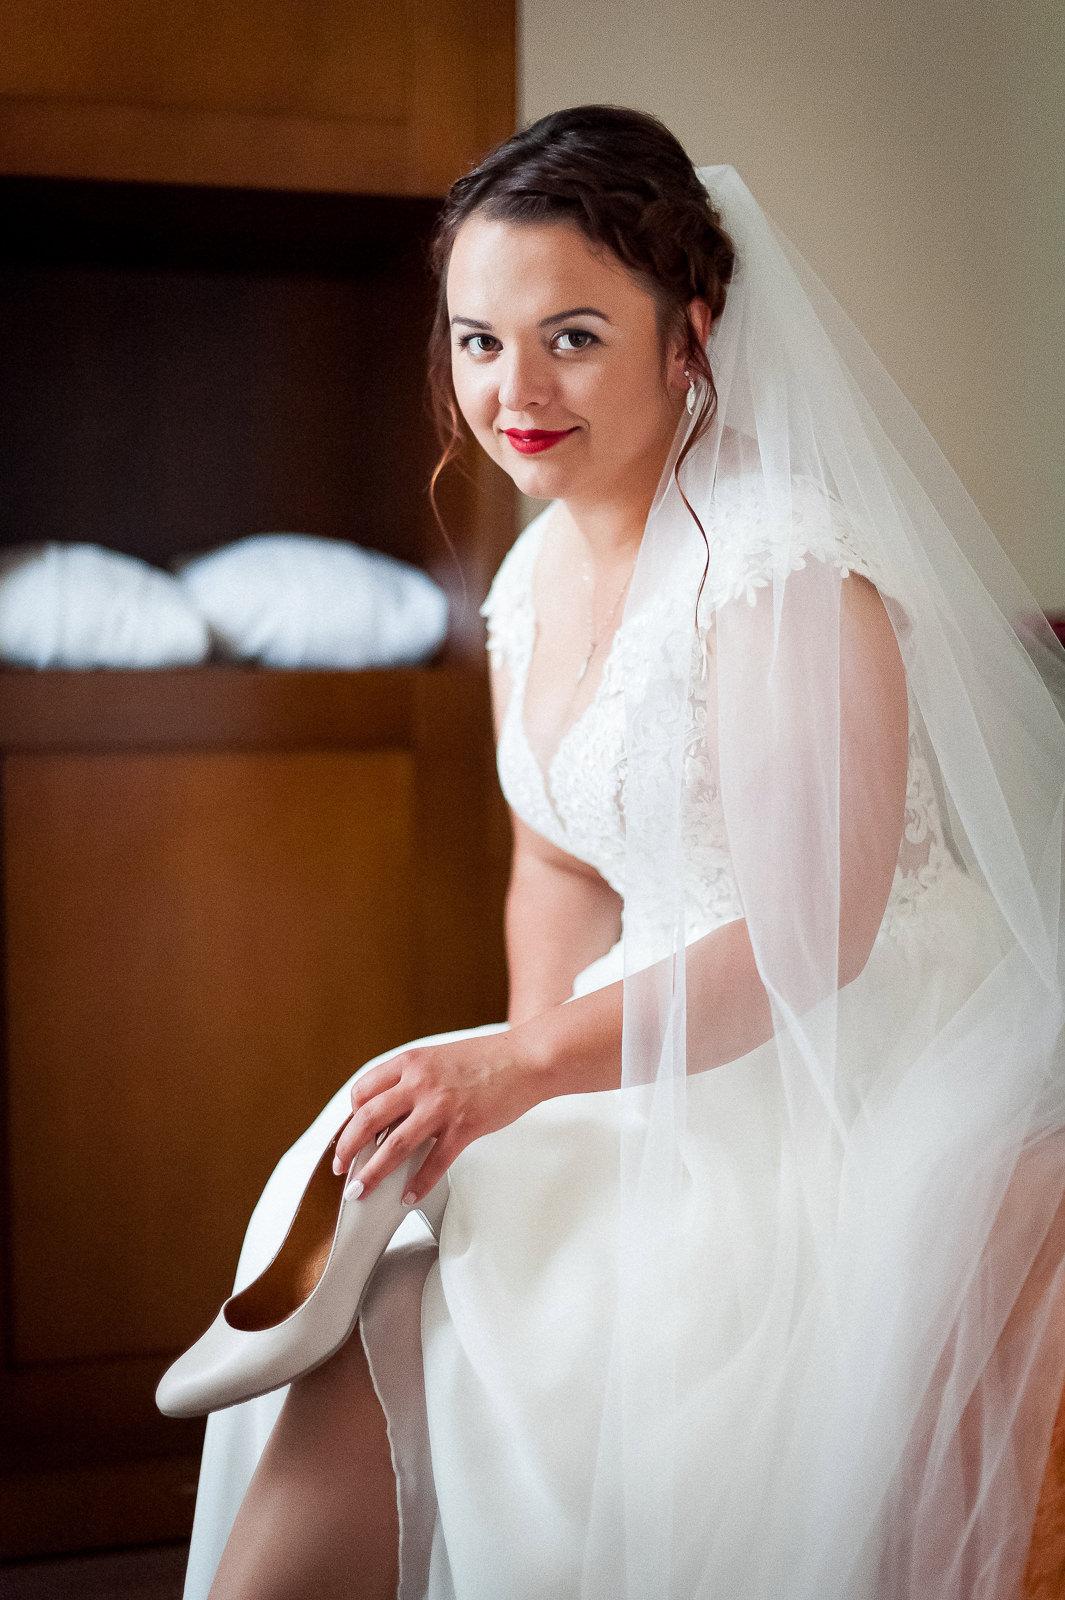 dobrze dobrane buty nie tylko będą pasowały do sukni ślubnej na pamiątkowych fotografiach, ale też zagwarantują szaloną całonocna zabawę podczas wesela